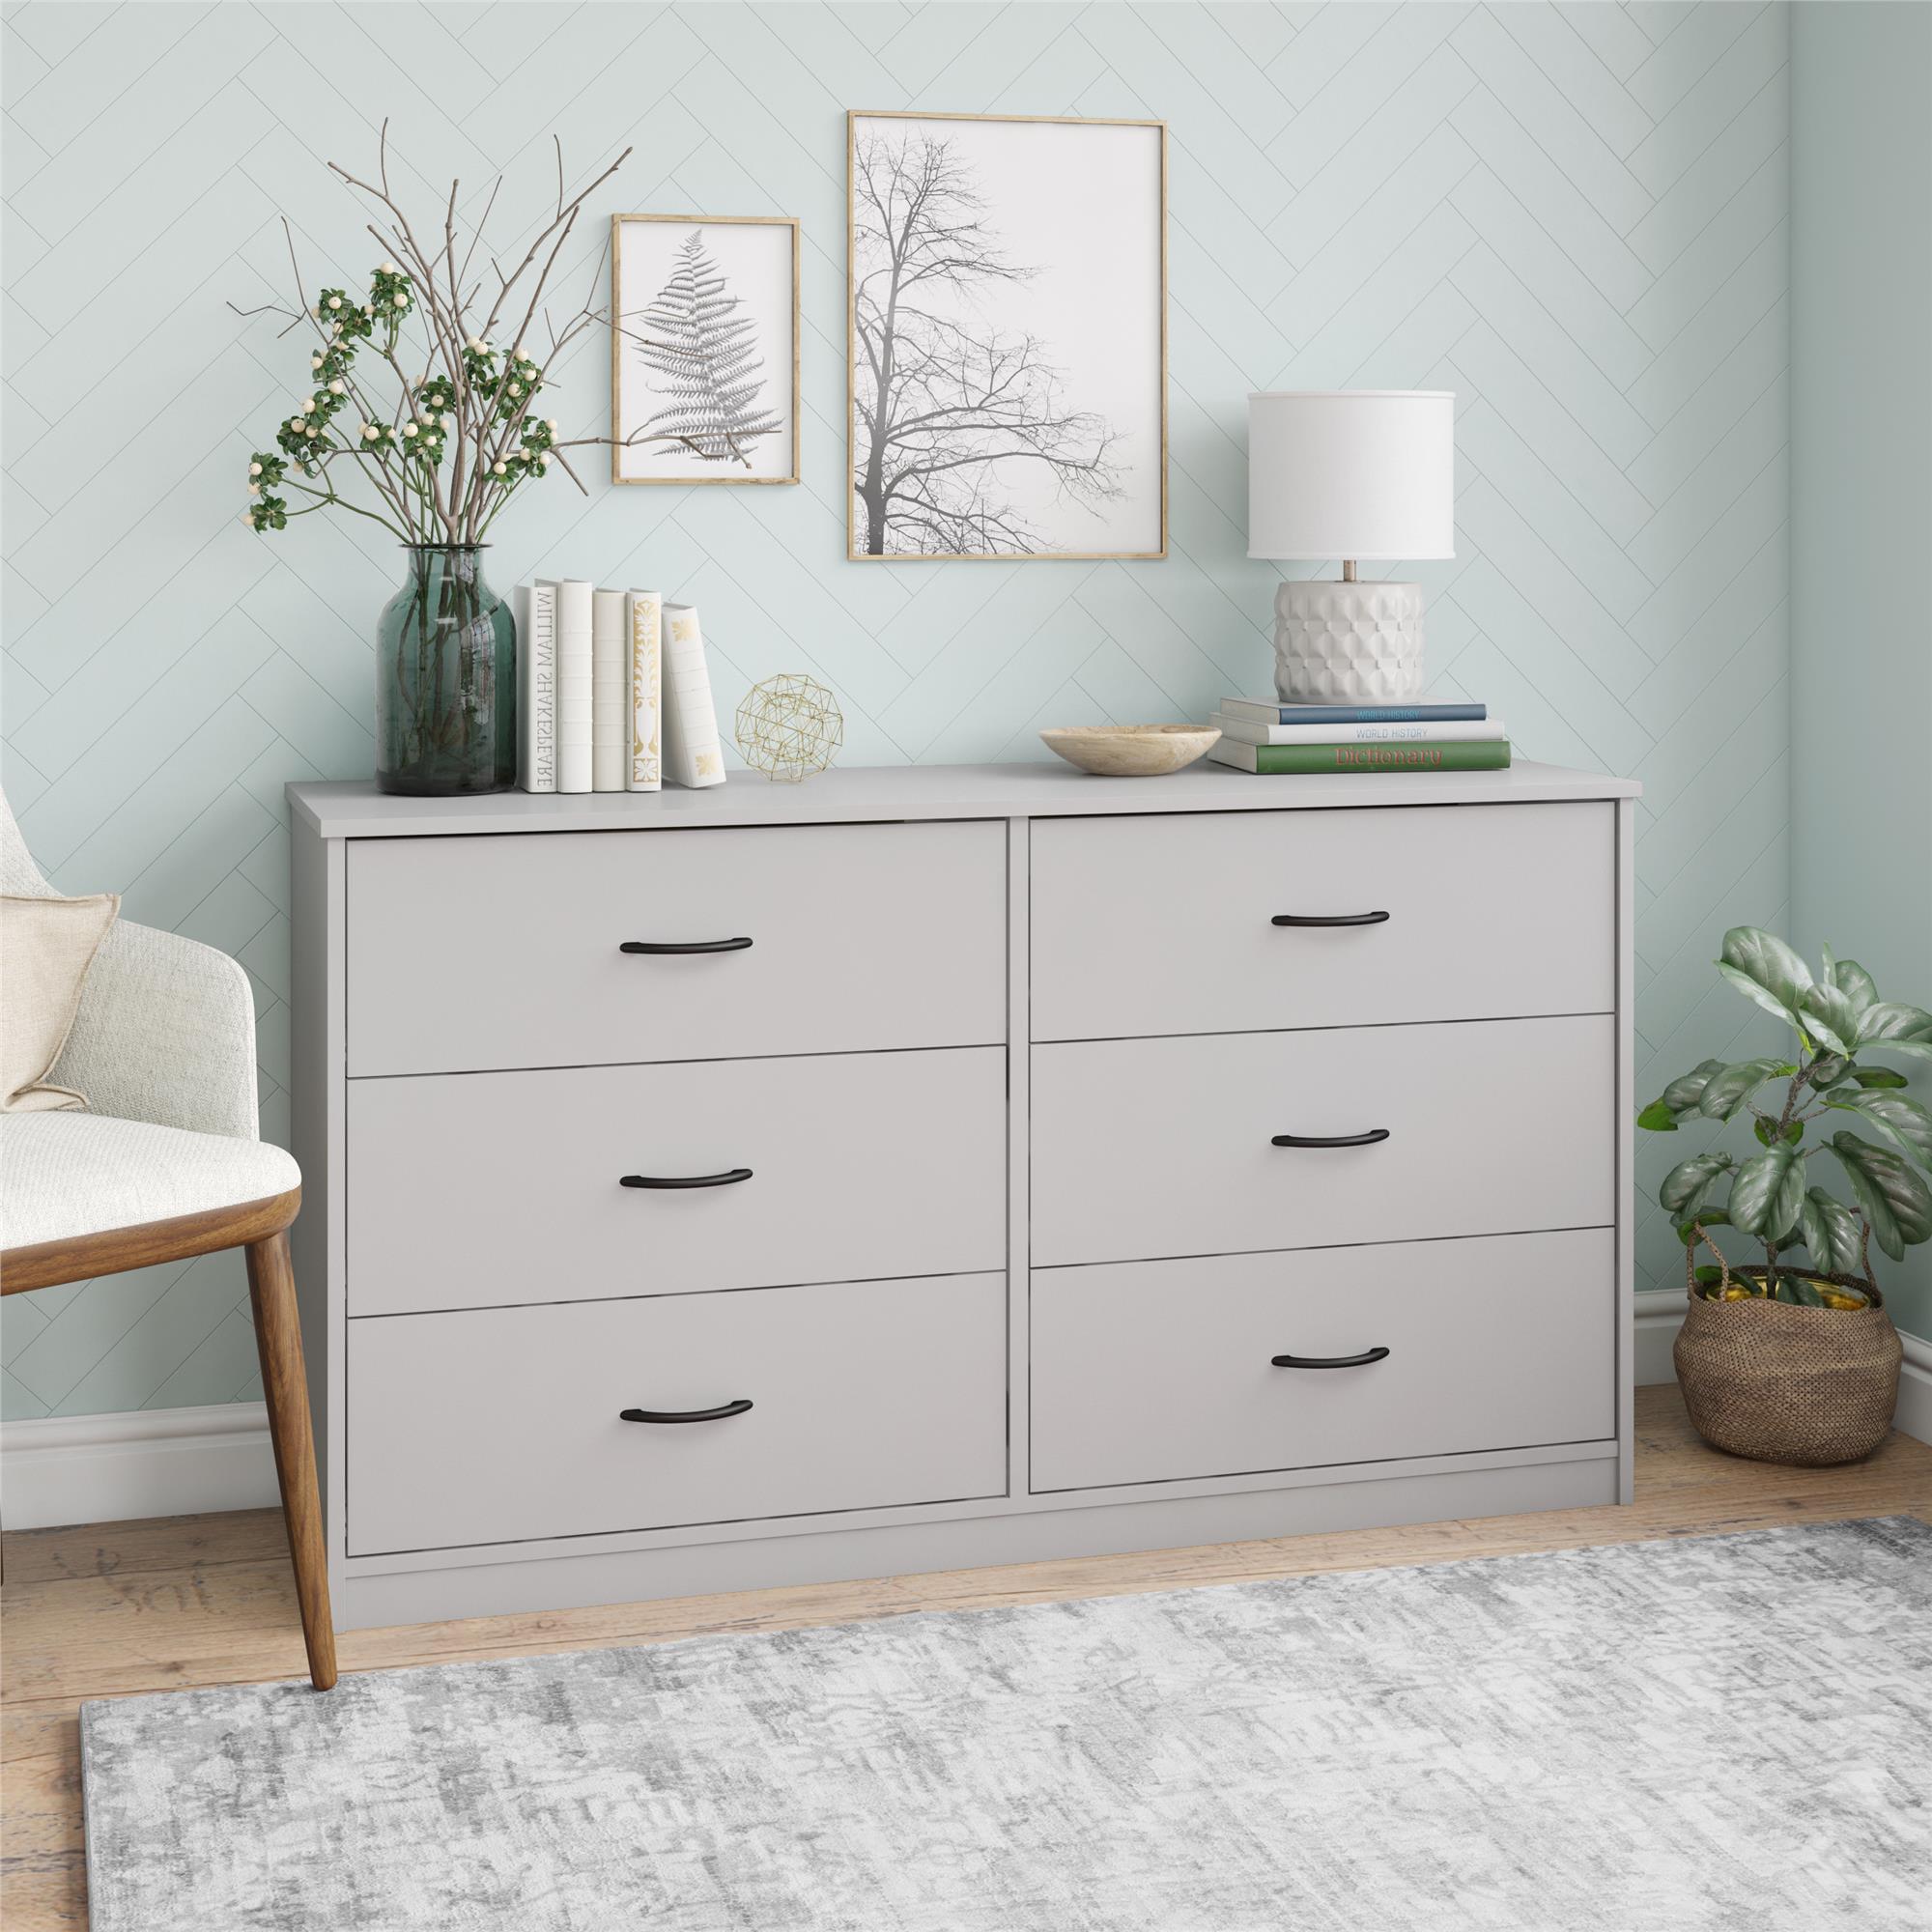 Mainstays Classic 6 Drawer Dresser Dove Gray Walmart Com Walmart Com